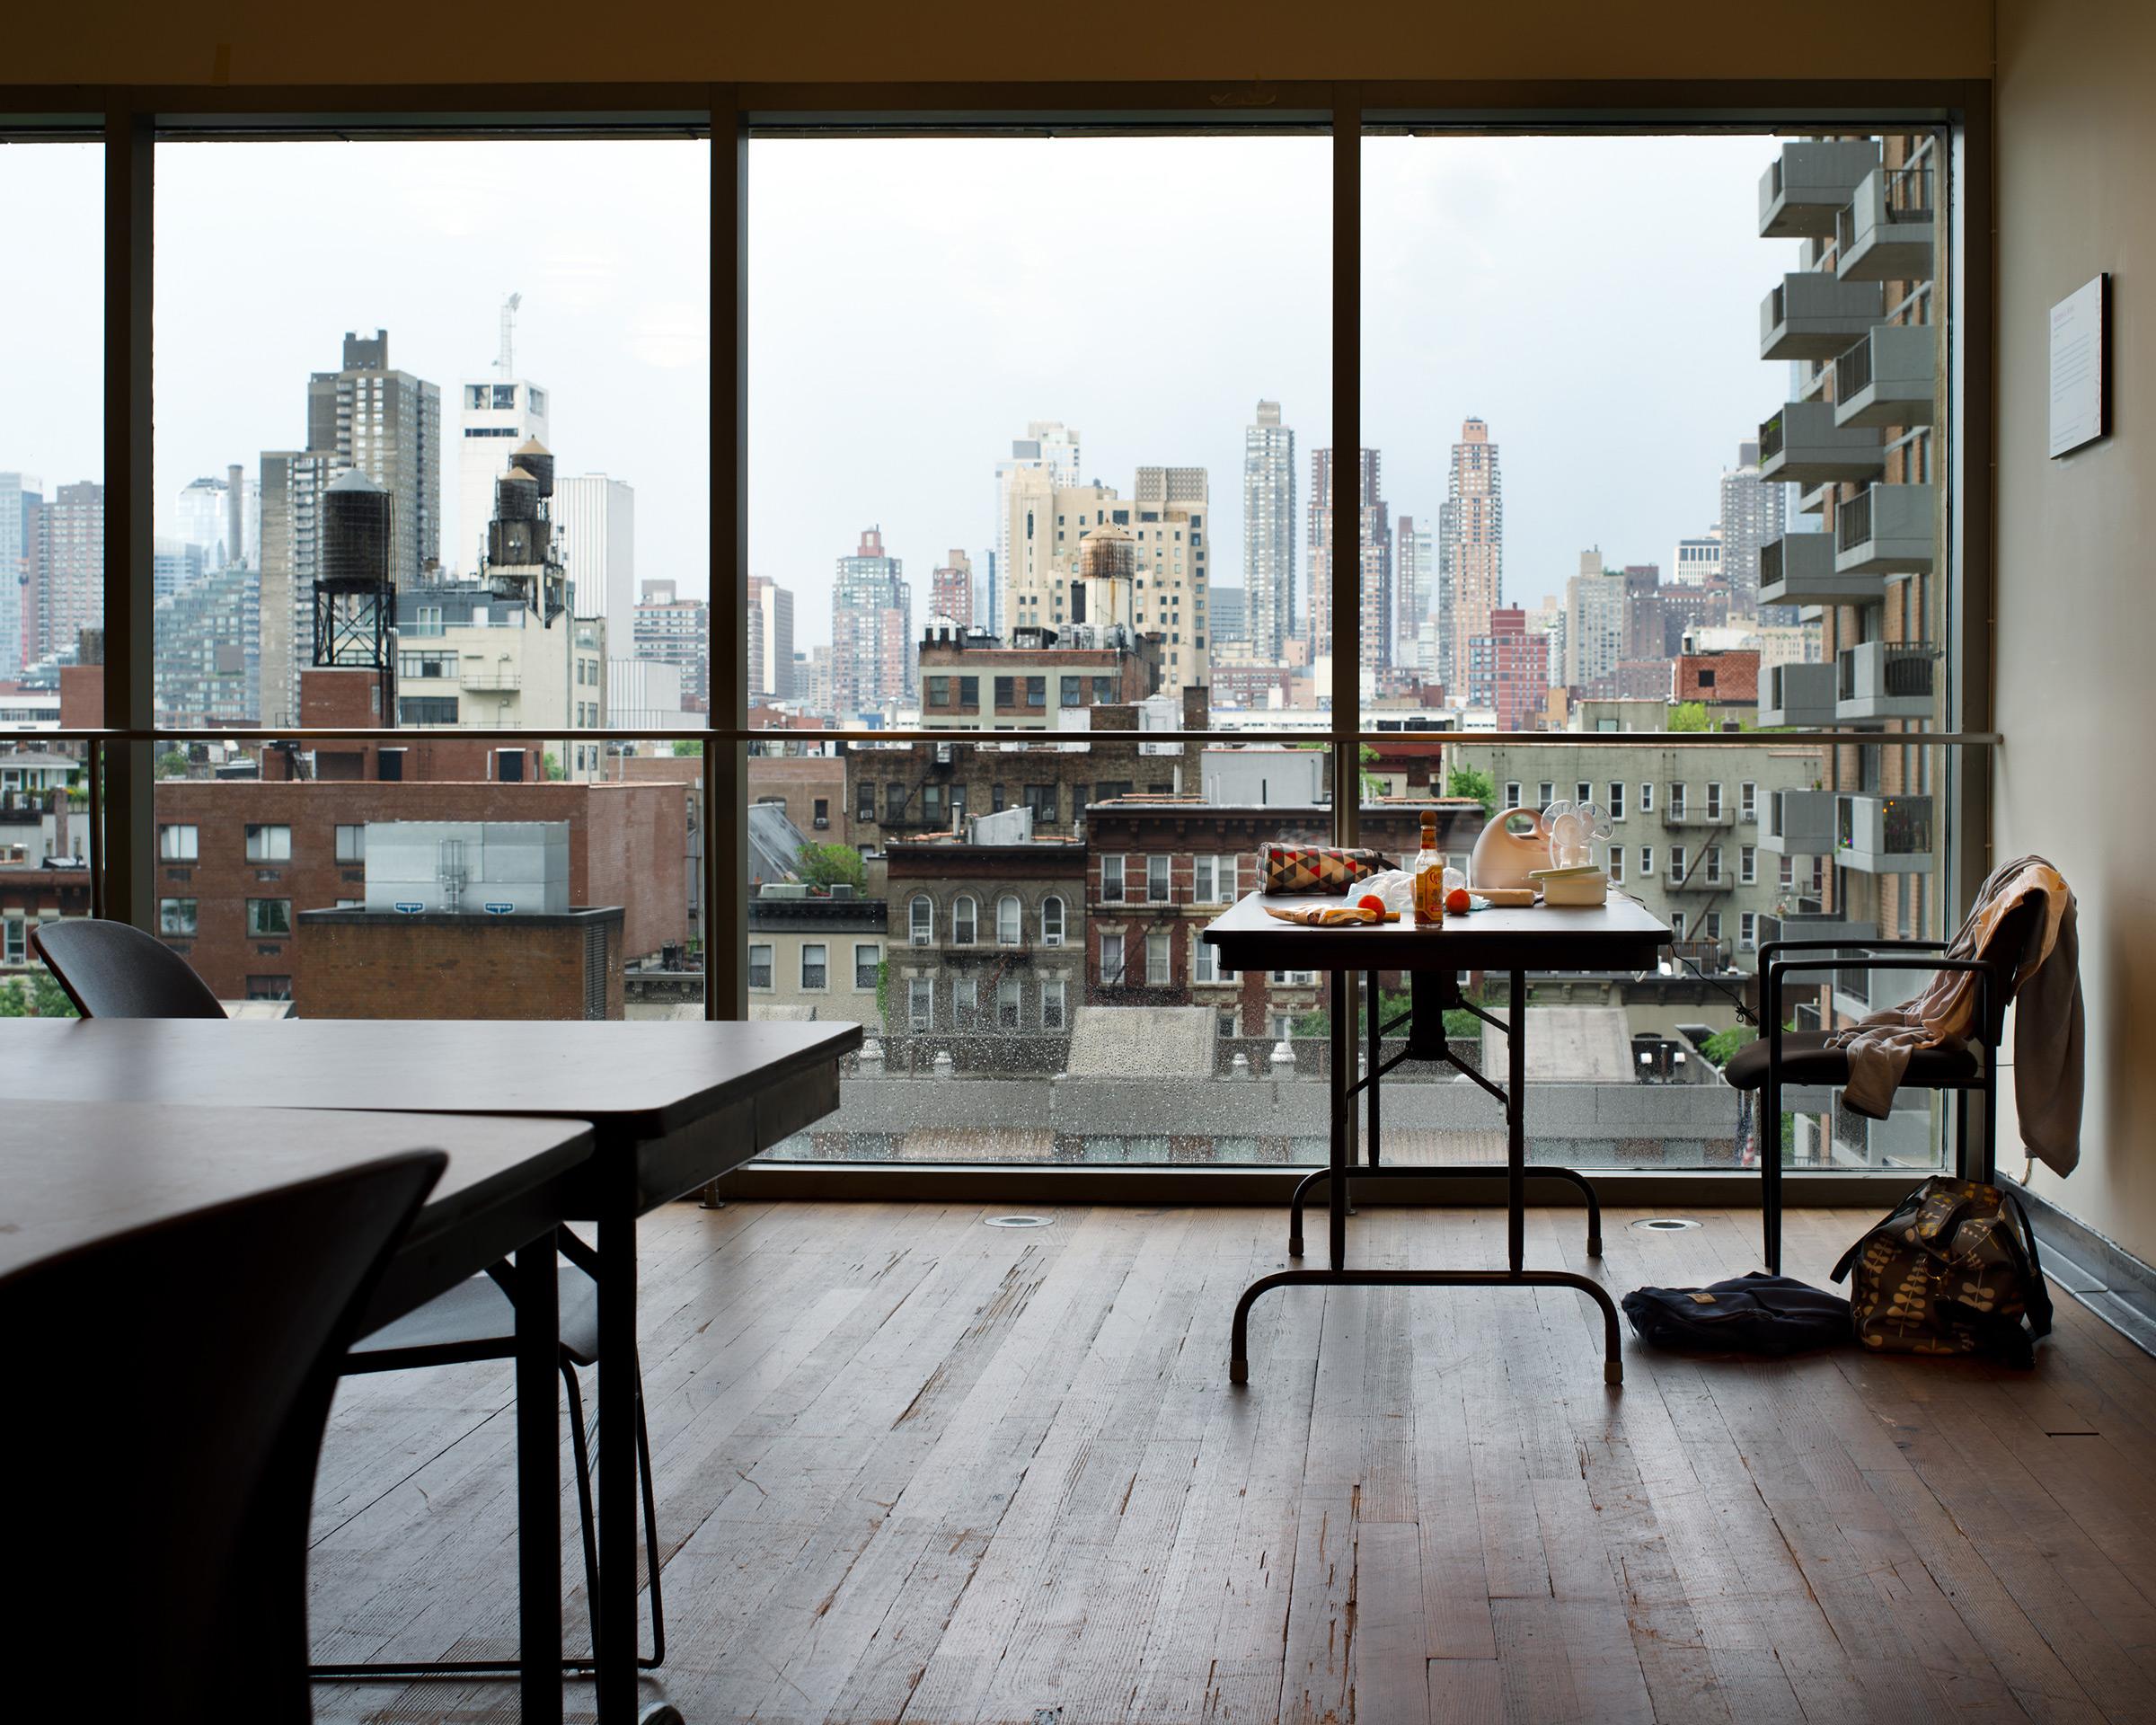 Actor, Playwrights Horizons Rehearsal Studio, New York City